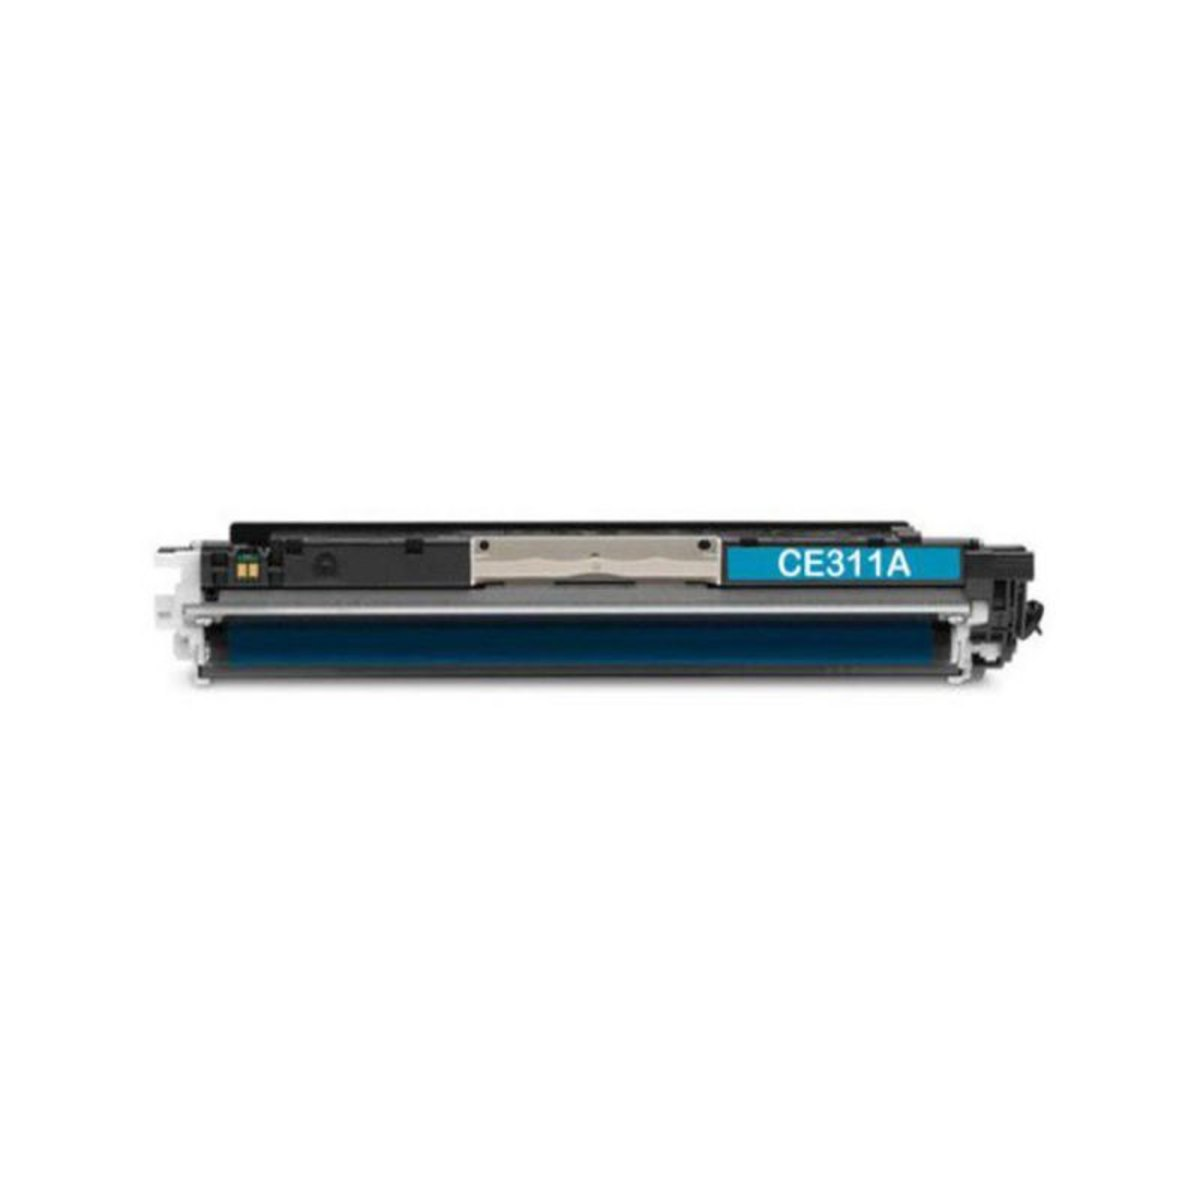 Toner Ce311ac Ce311 Ce 311 Azul Evolut Compatível com Cp1025 126a M175mw M175a da HP